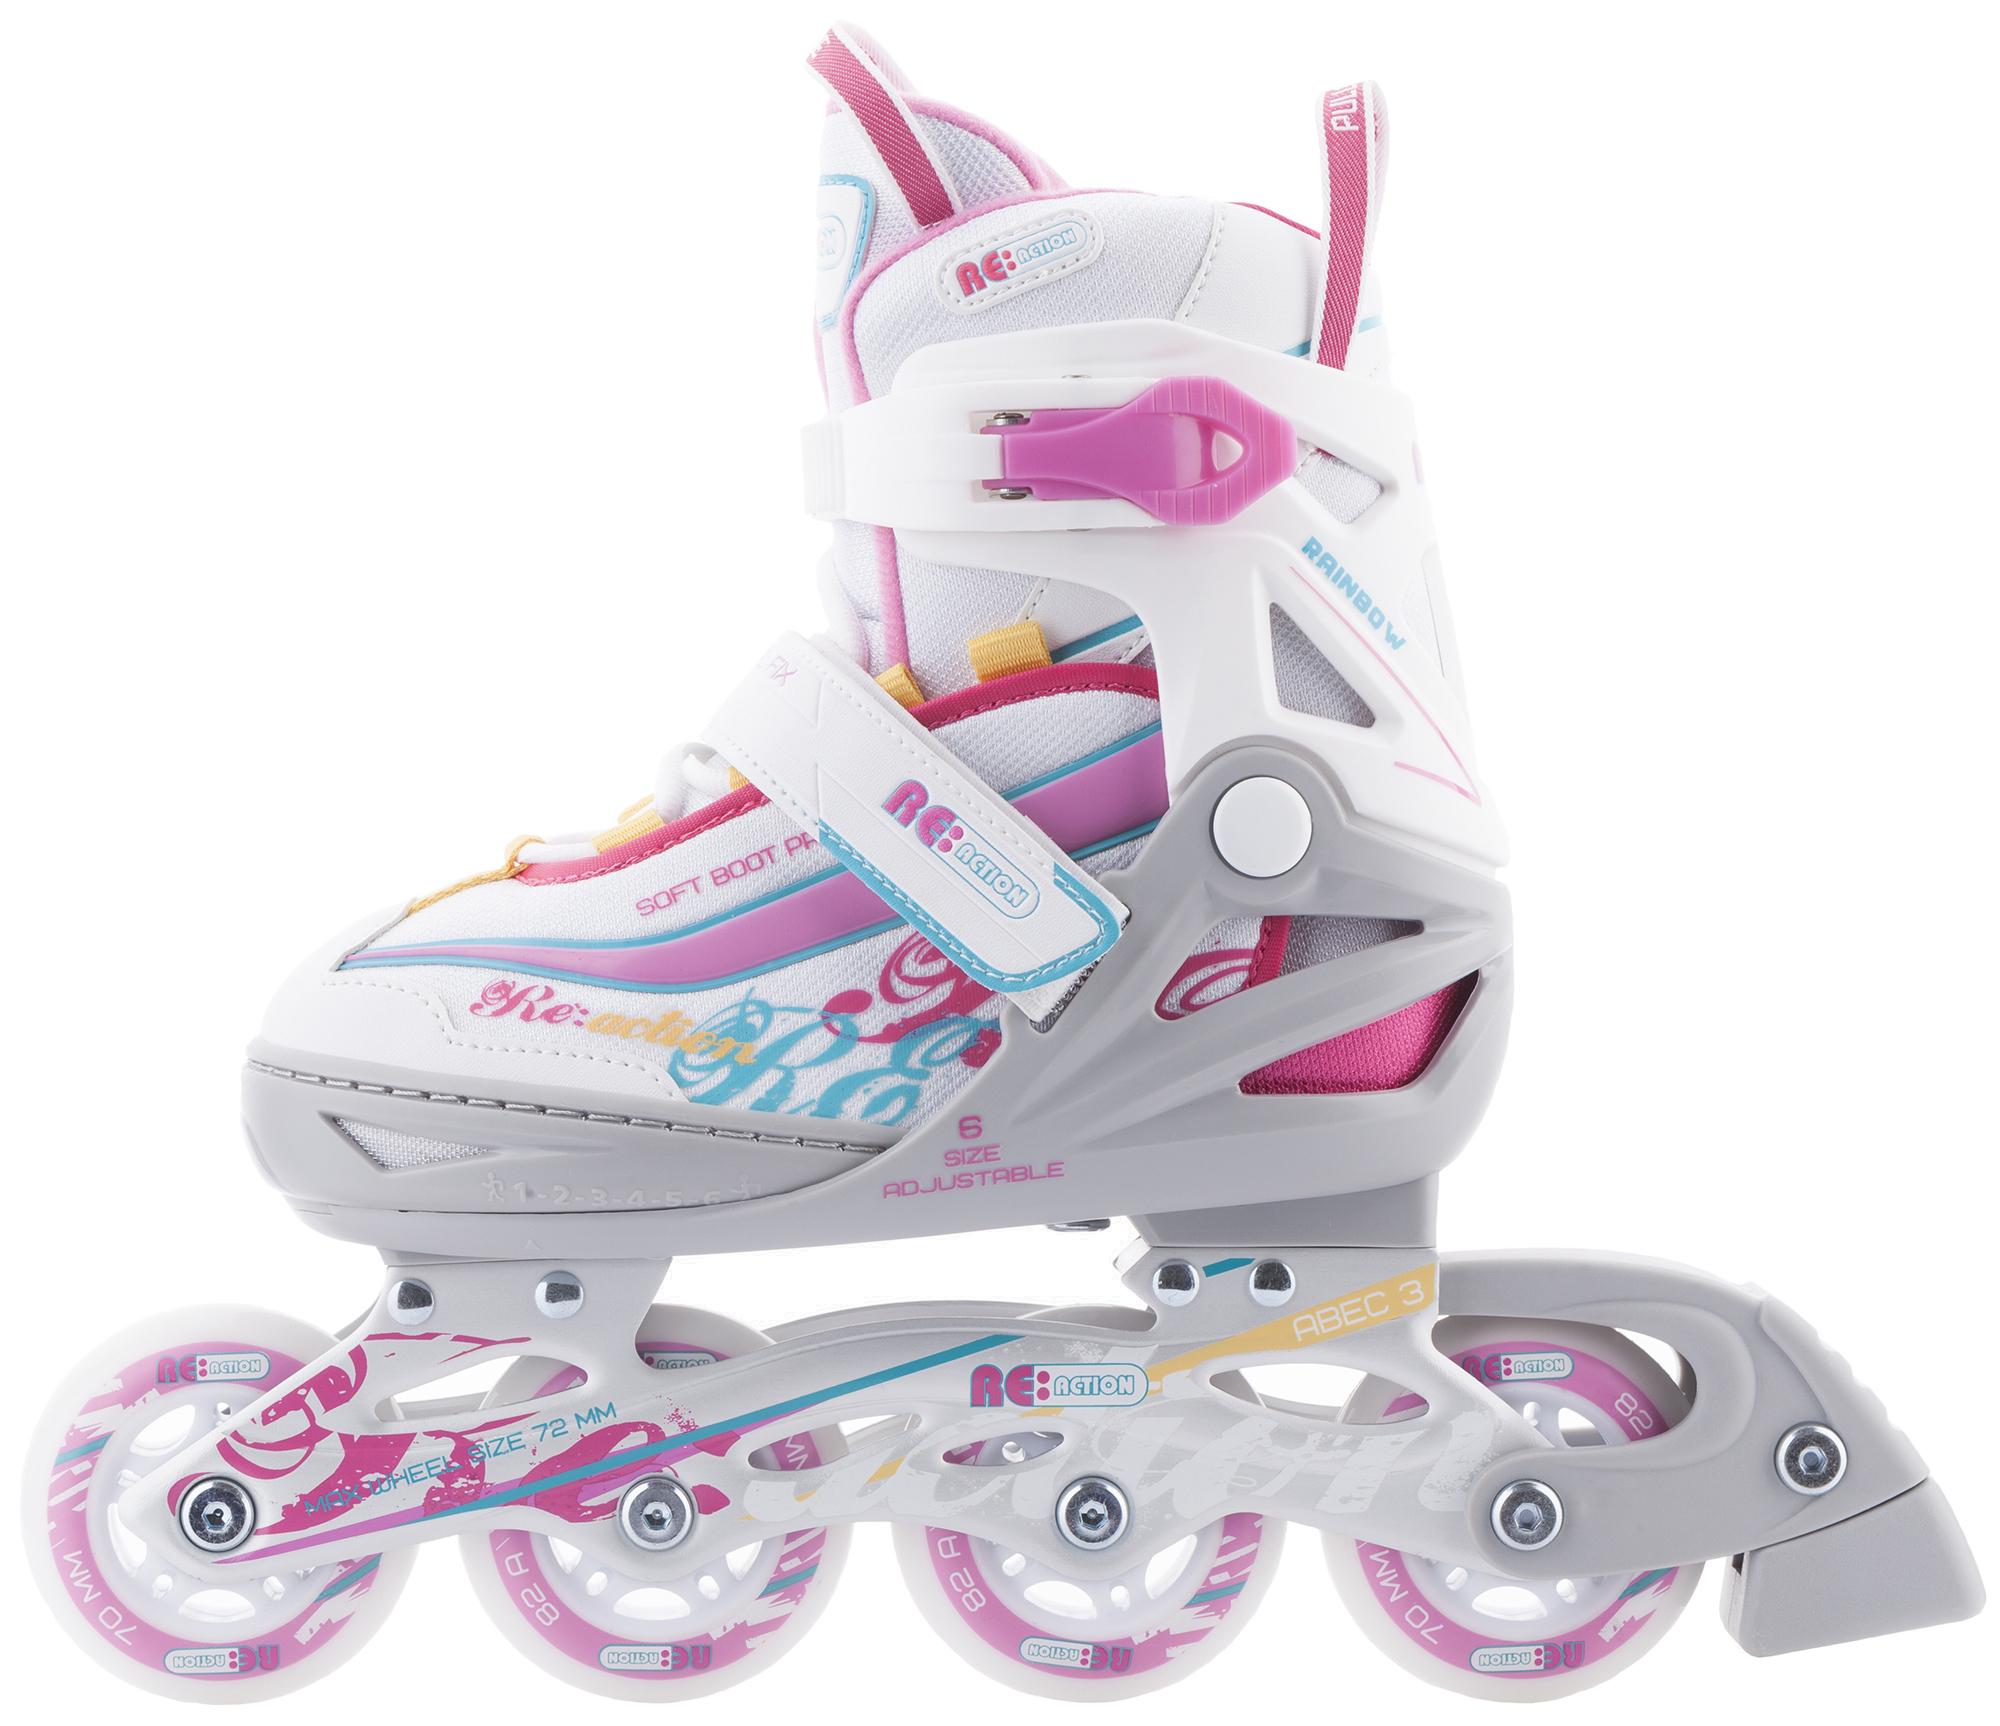 REACTION Роликовые коньки раздвижные для девочек REACTION Rainbow роликовые коньки детские раздвижные fila wizy купить